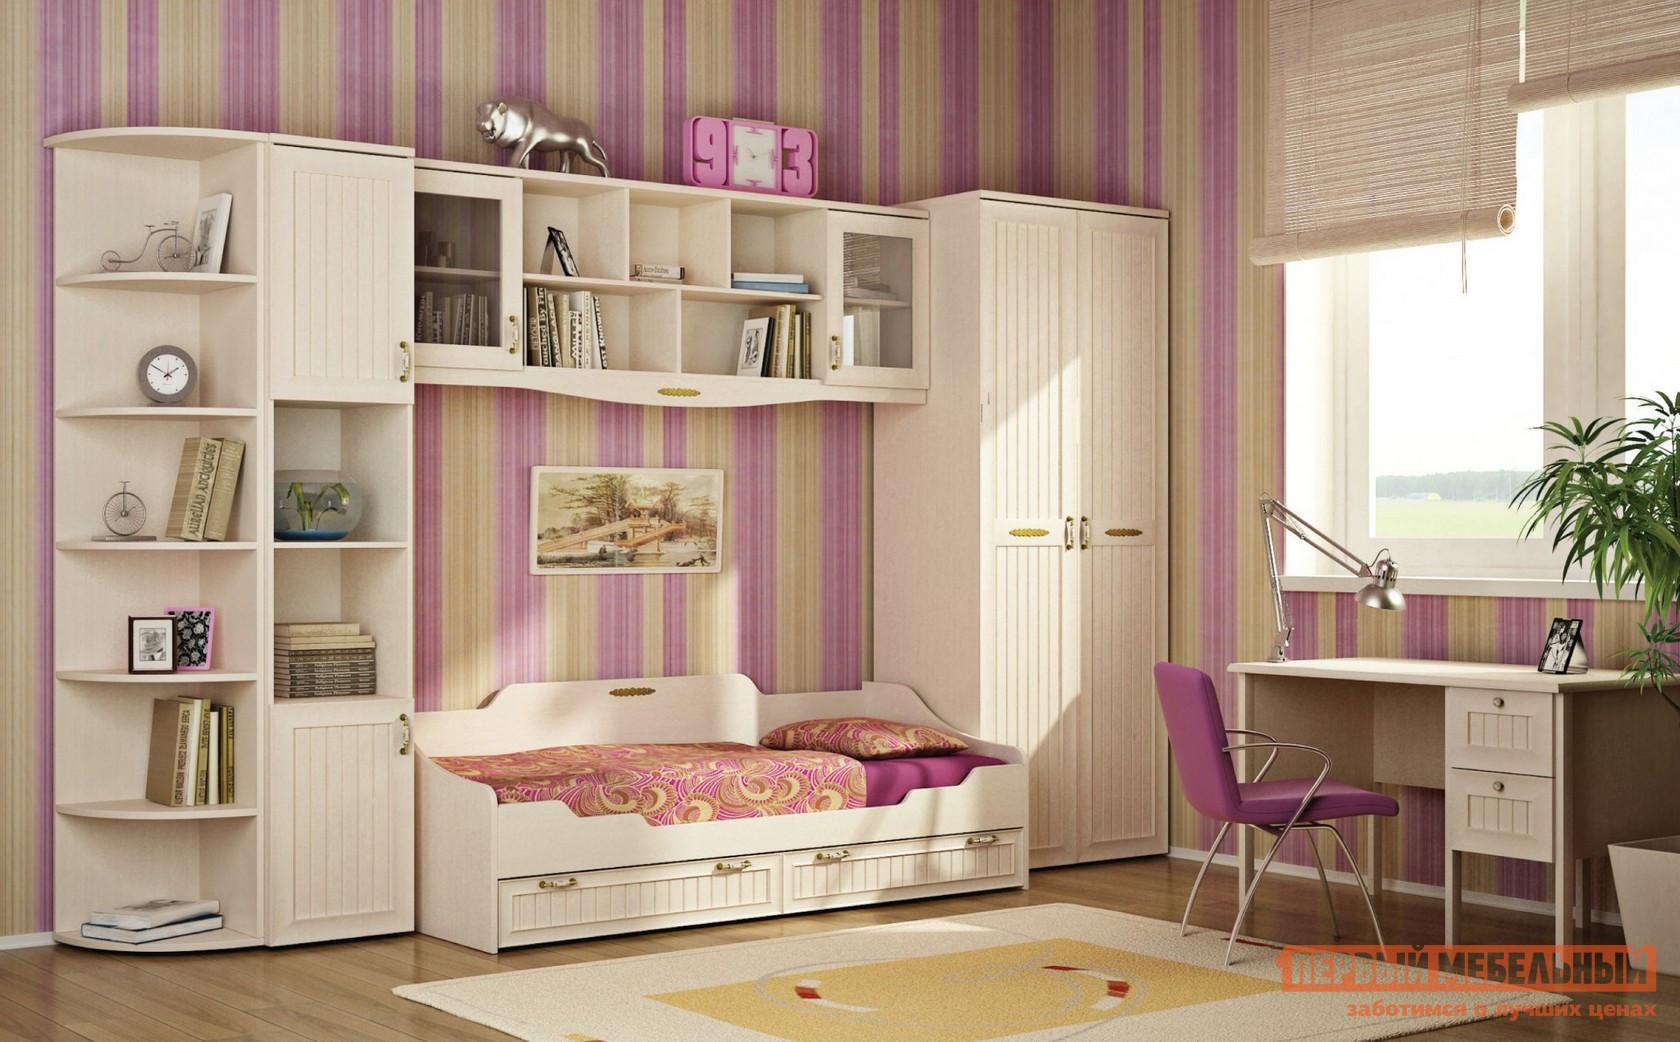 Комплект детской мебели ТД Арника Соната К2 комплект из жемчуга крит к2 нжм 8297 отш